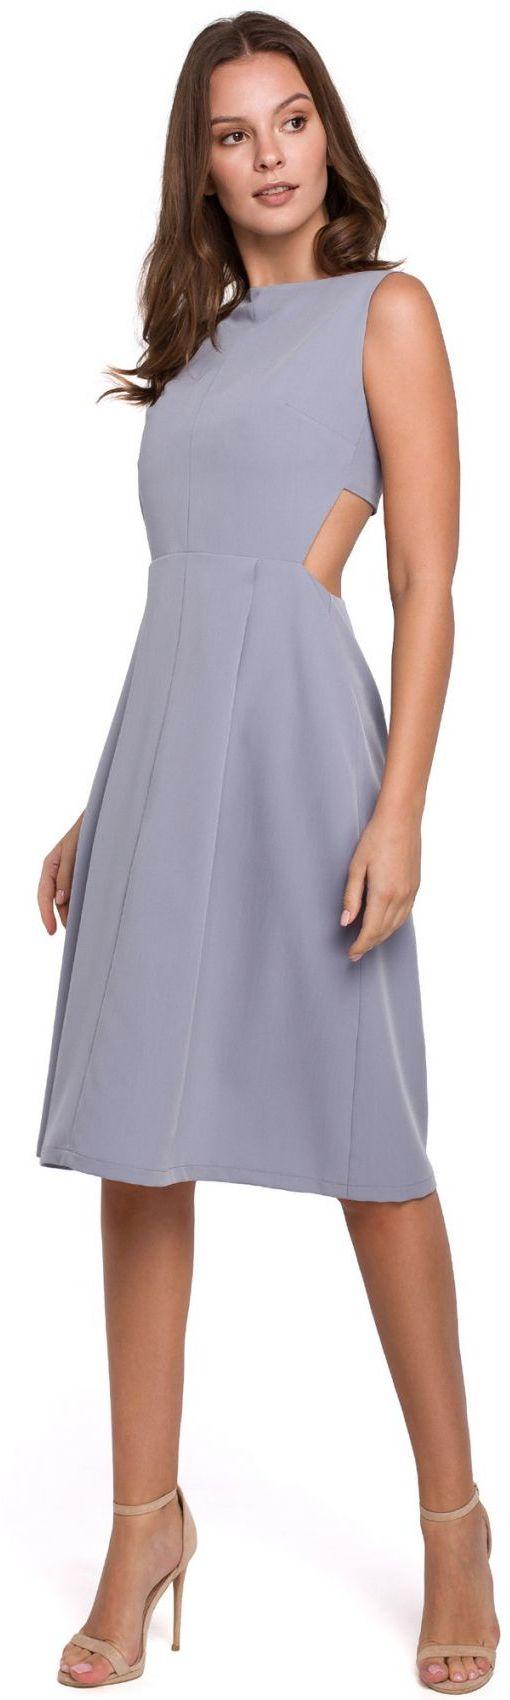 K011 Sukienka z odkrytymi plecami - gołębia